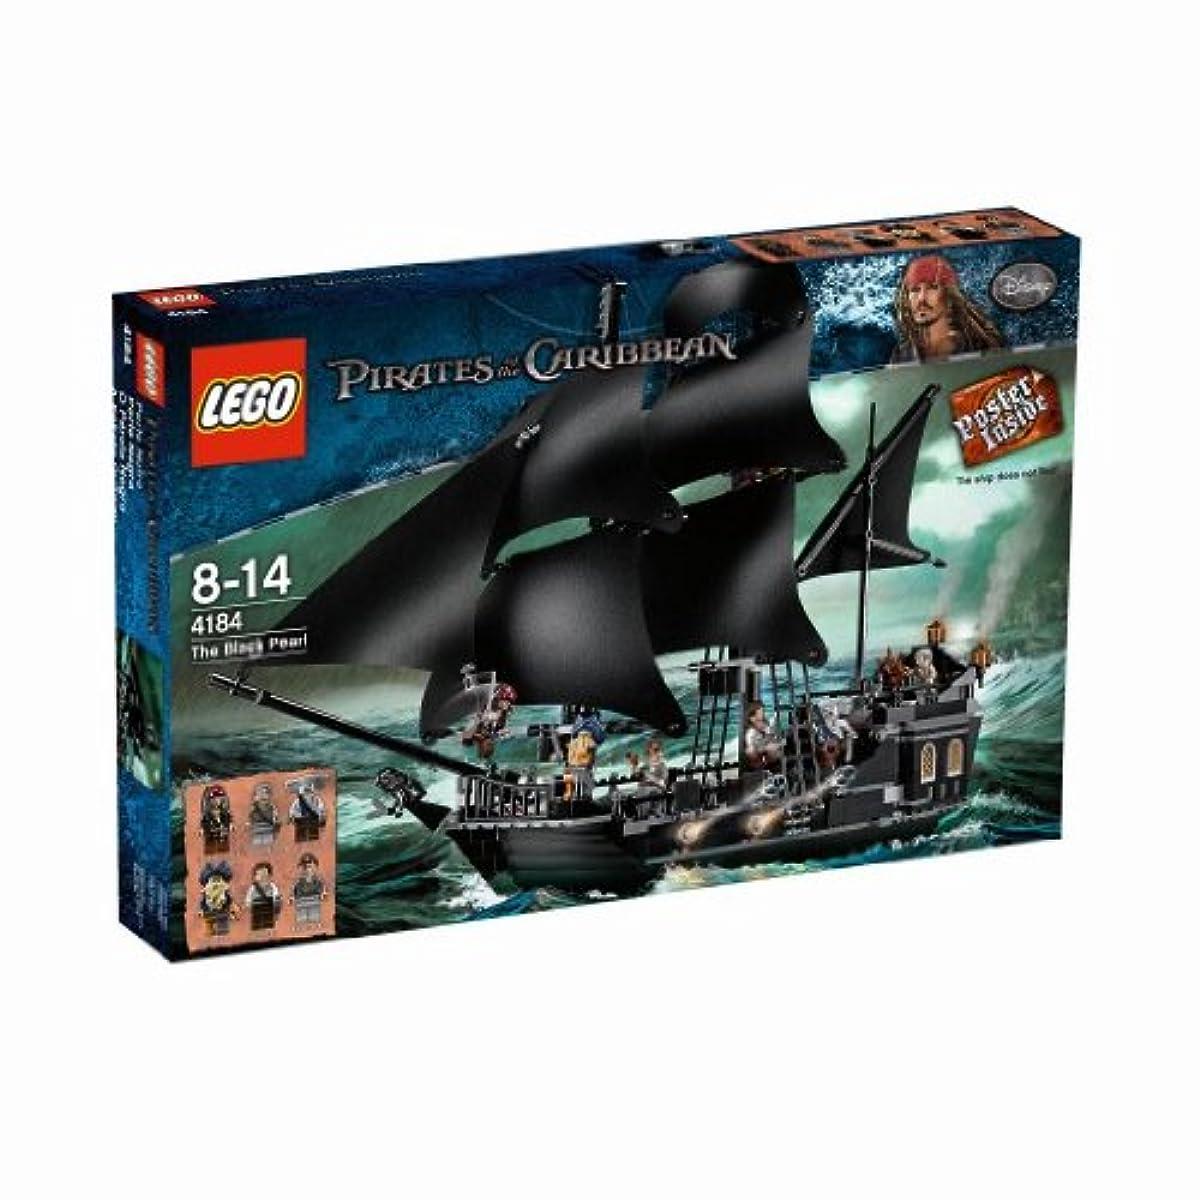 [해외] 레고 (LEGO) 캐리비안의 해적 블랙 펄호 4184-294857 (2011-11-11)